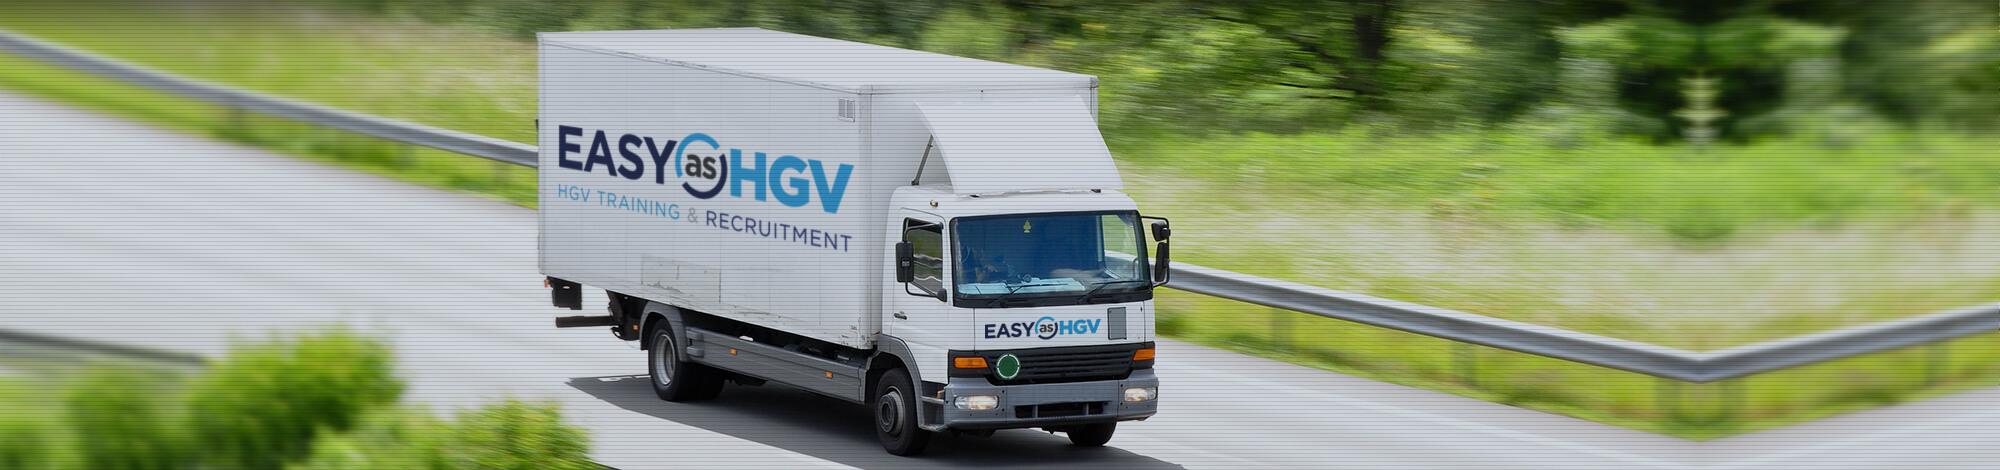 easy as hgv branded van image